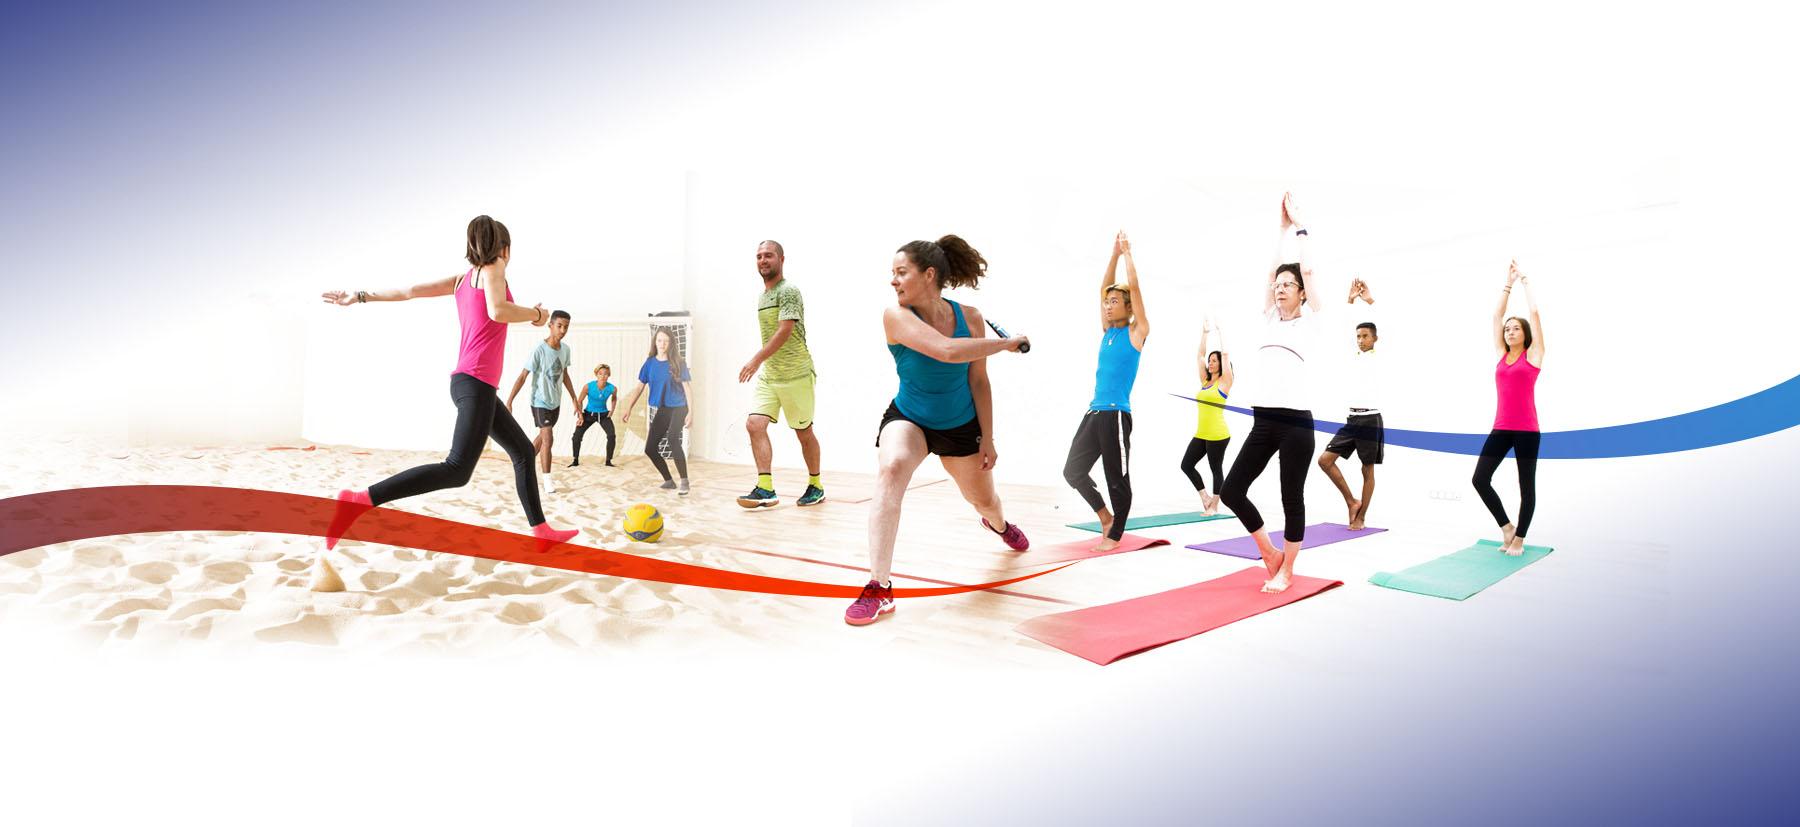 D'Sport & Co votre club de sport Squash - Beach indoor - Cardio - Zen, unique à Nantes